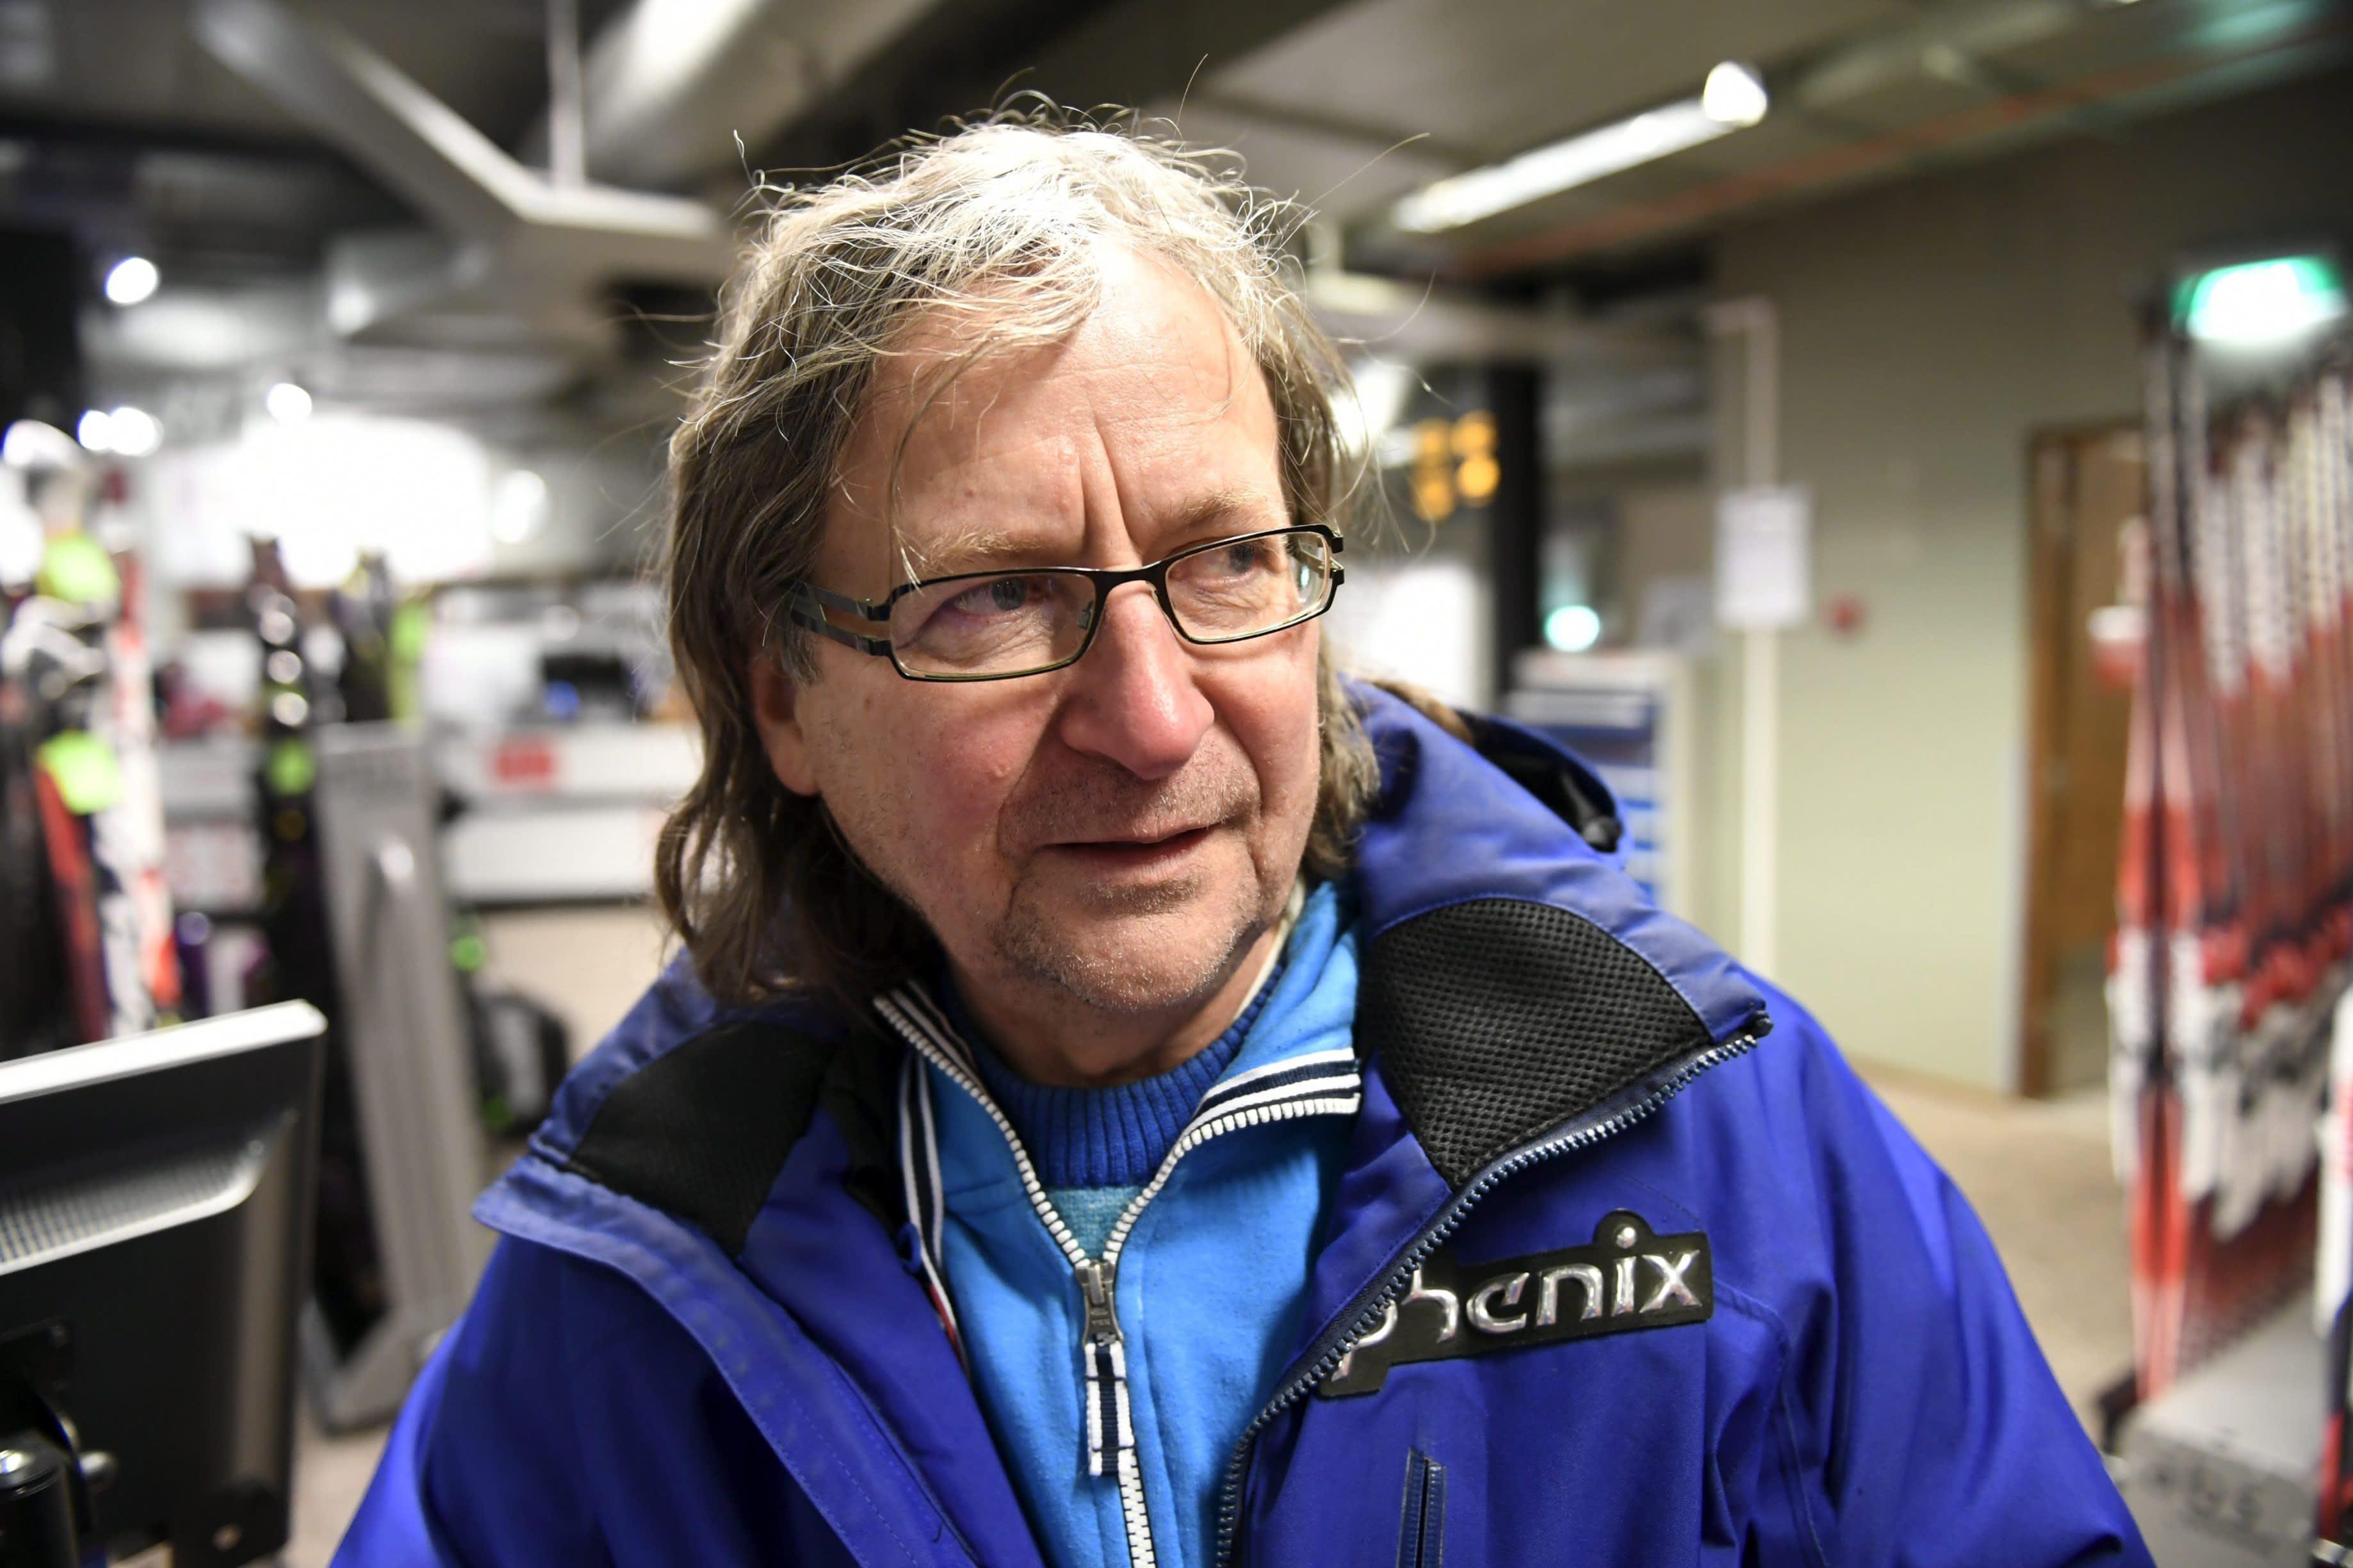 LEHTIKUVA Pekka Vähäsöyrinki